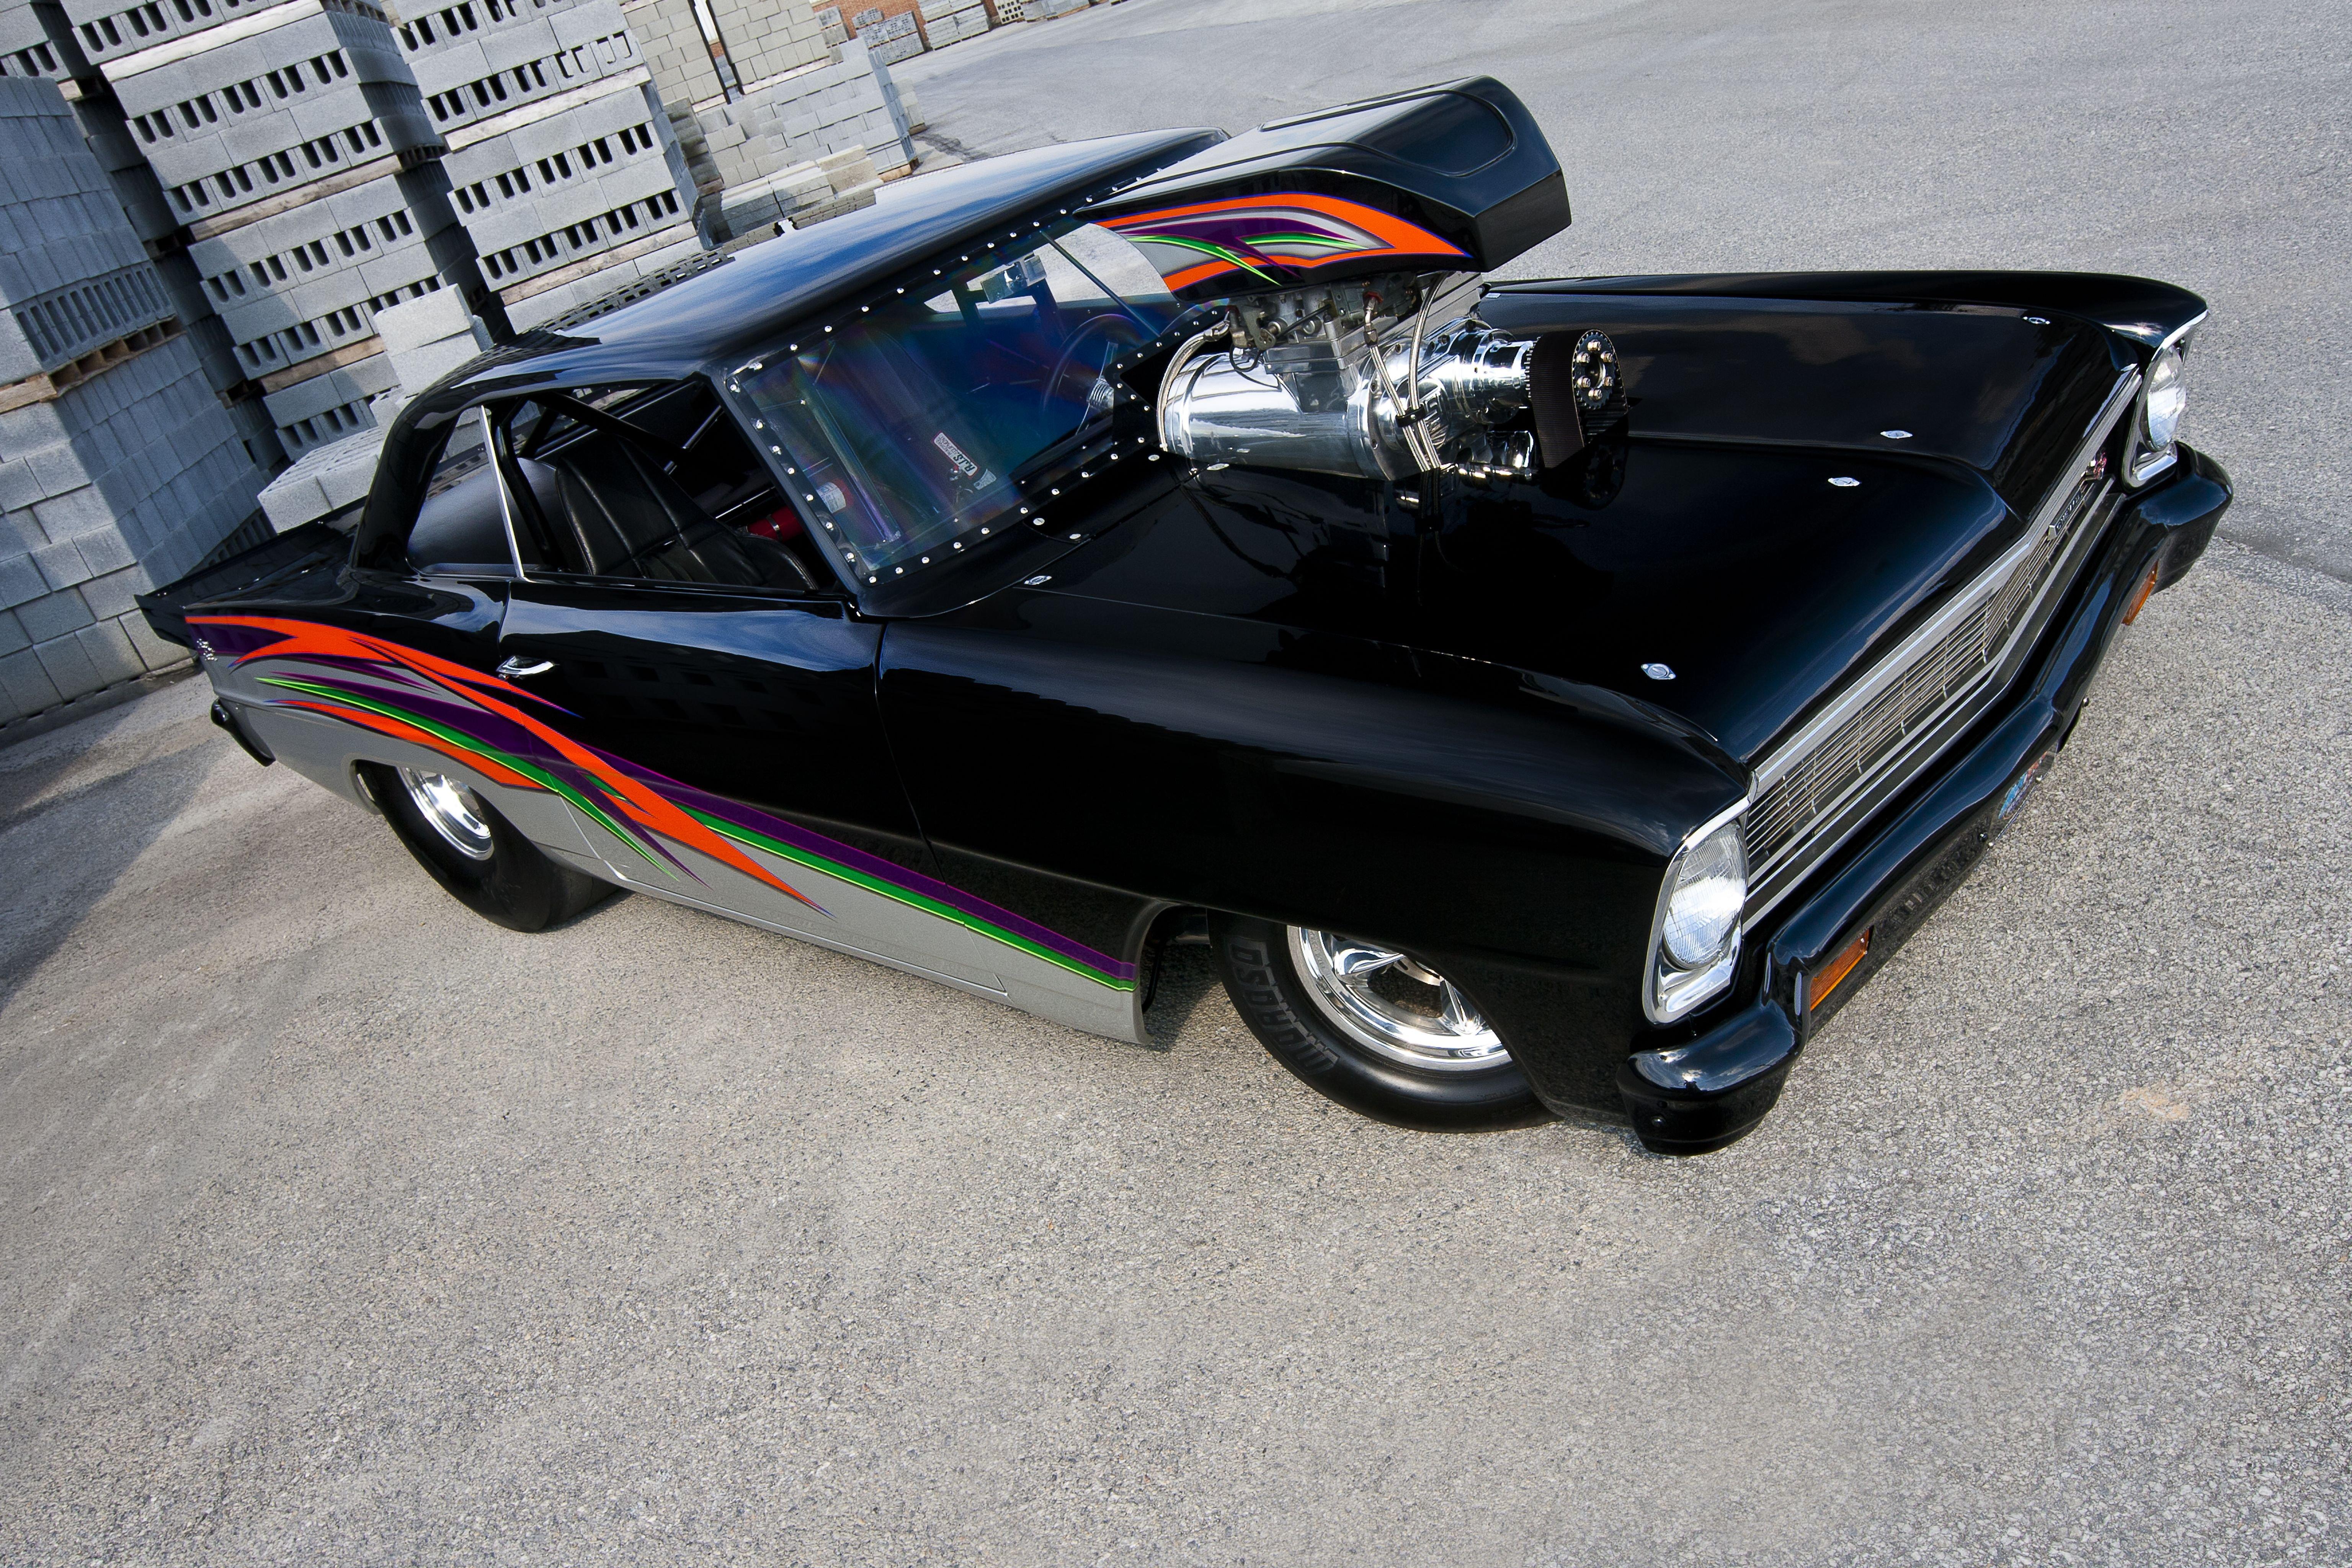 Car Colors 2017 >> 1966 Chevrolet Nova classic cars drag wallpaper | 6144x4096 | 965312 | WallpaperUP